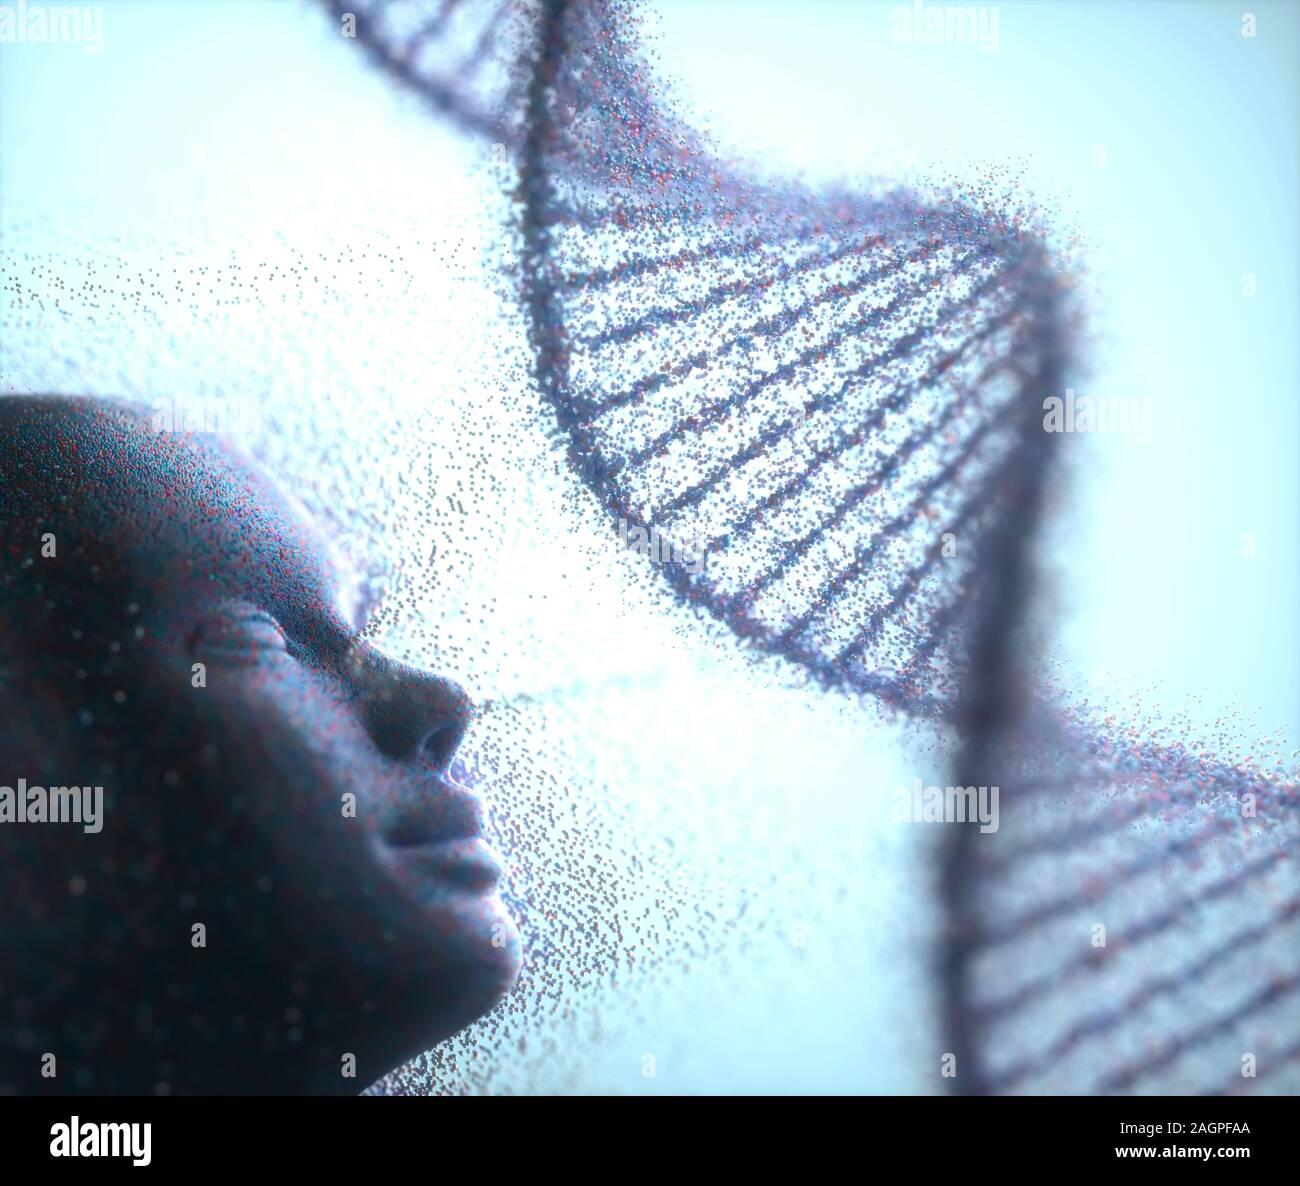 La clonación humana, Ilustración conceptual. Foto de stock